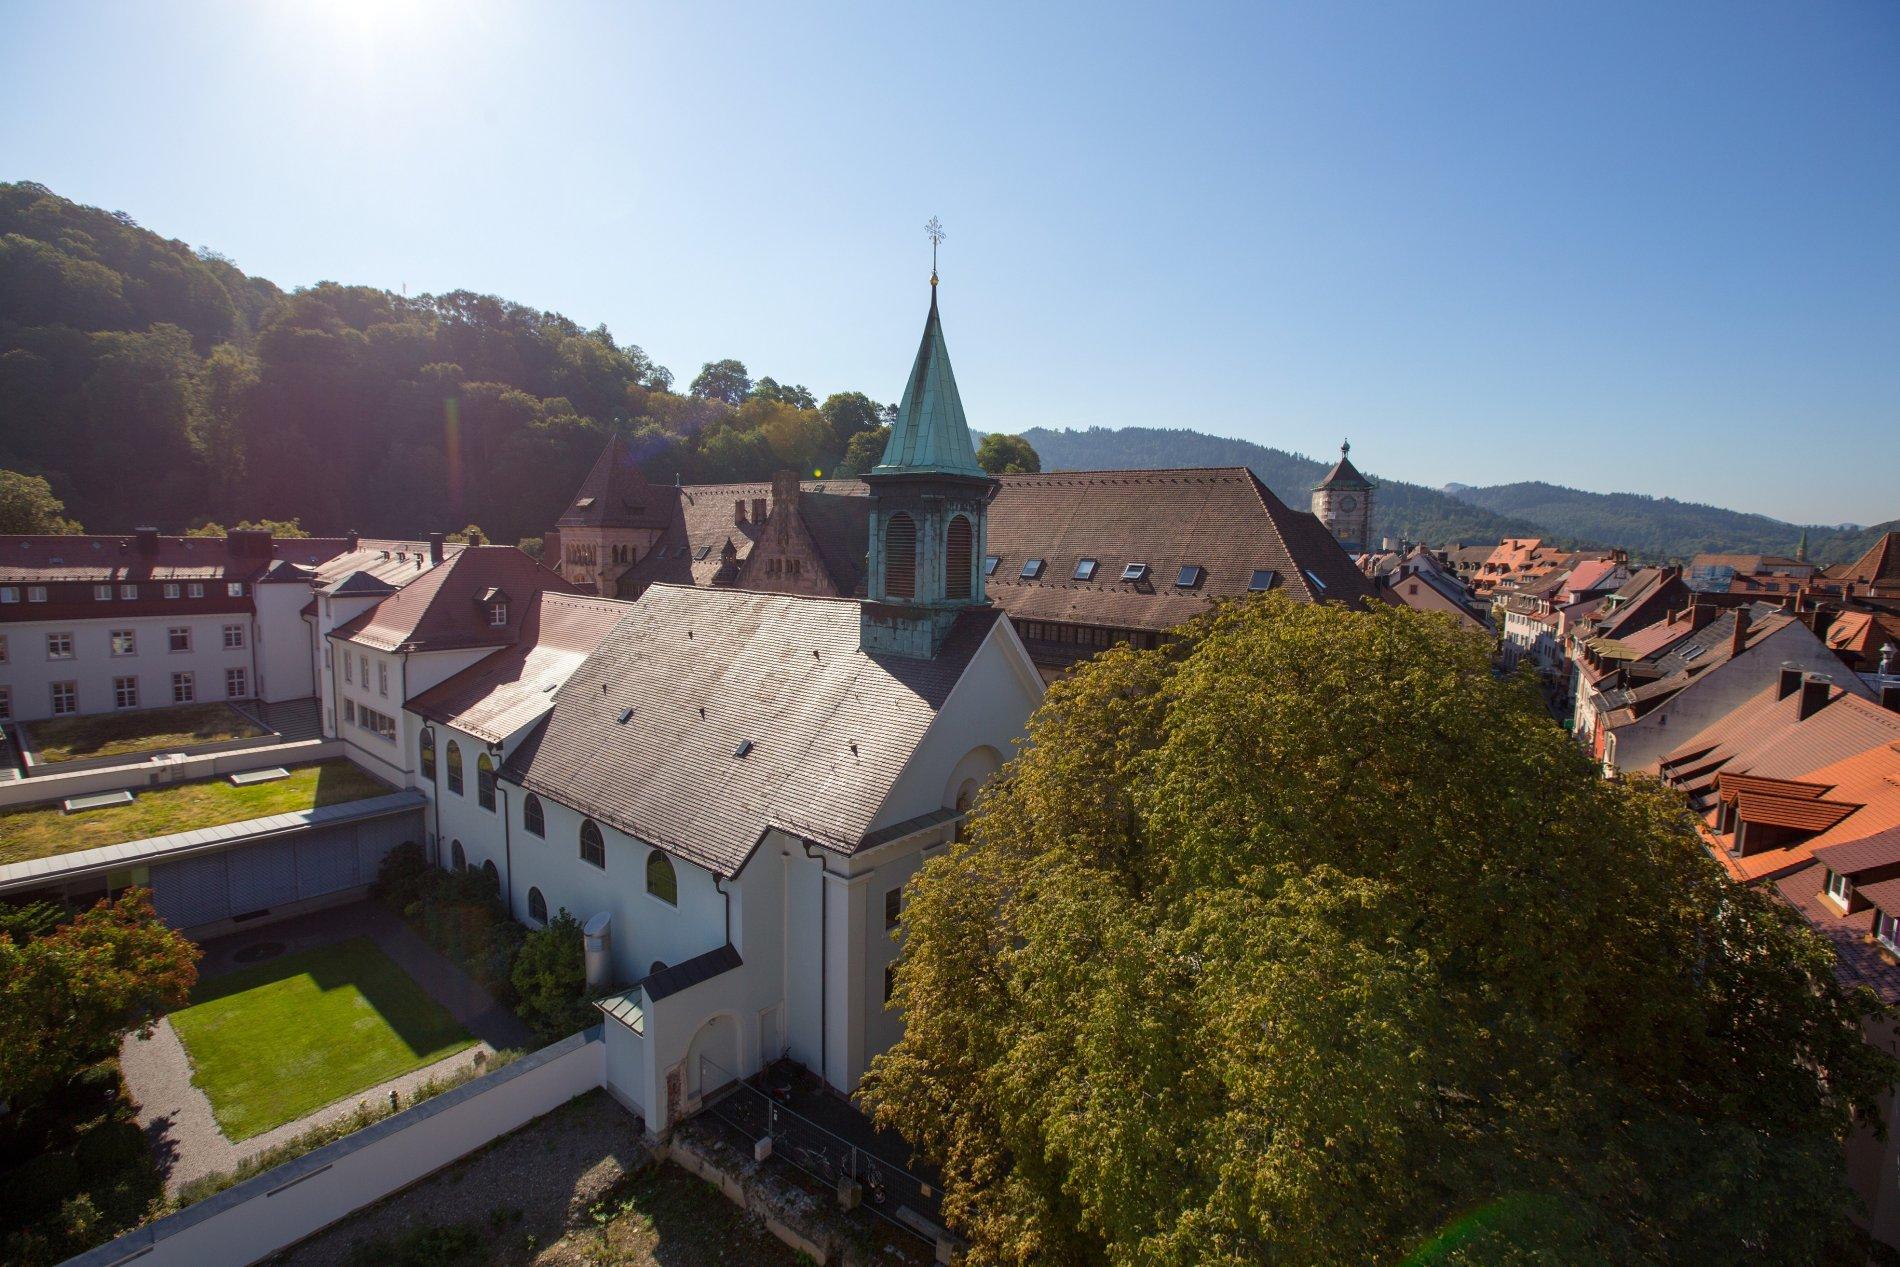 Freiburg Erzbischöfliches Ordinariat